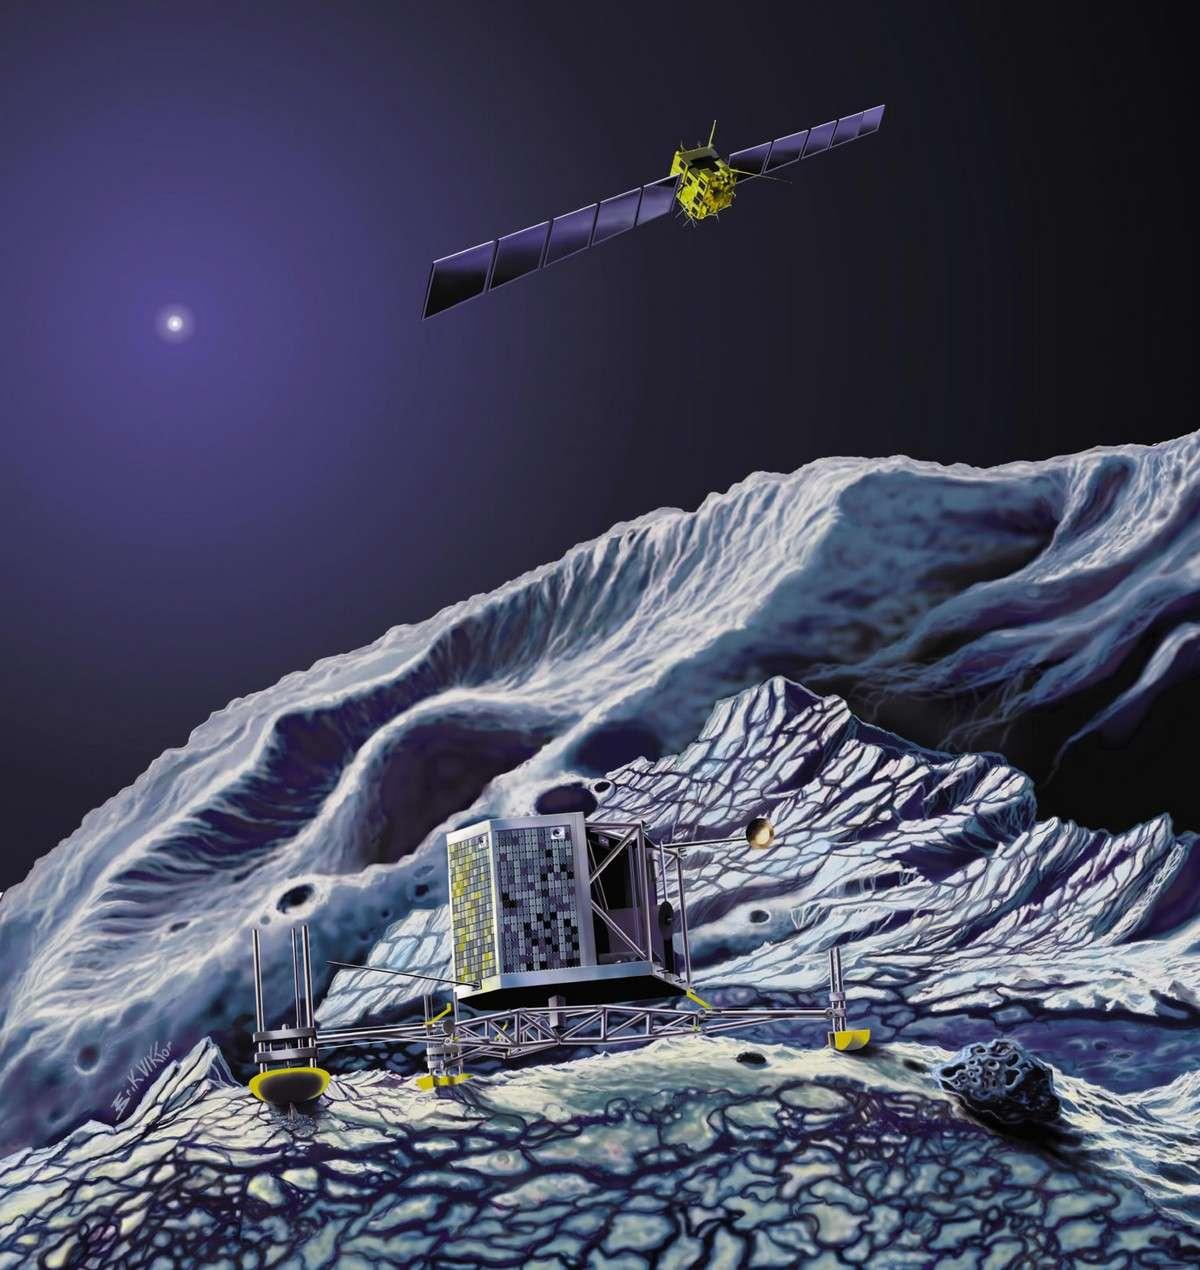 Pour larguer le module Philae sur la comète Churyumov-Gerasimenko en 2014, la sonde Rosetta devra éviter de percuter les plus grosses particules de poussières présentes dans la chevelure. Les chercheurs du MPI espèrent que leurs simulations informatiques y contribueront. Crédit Esa